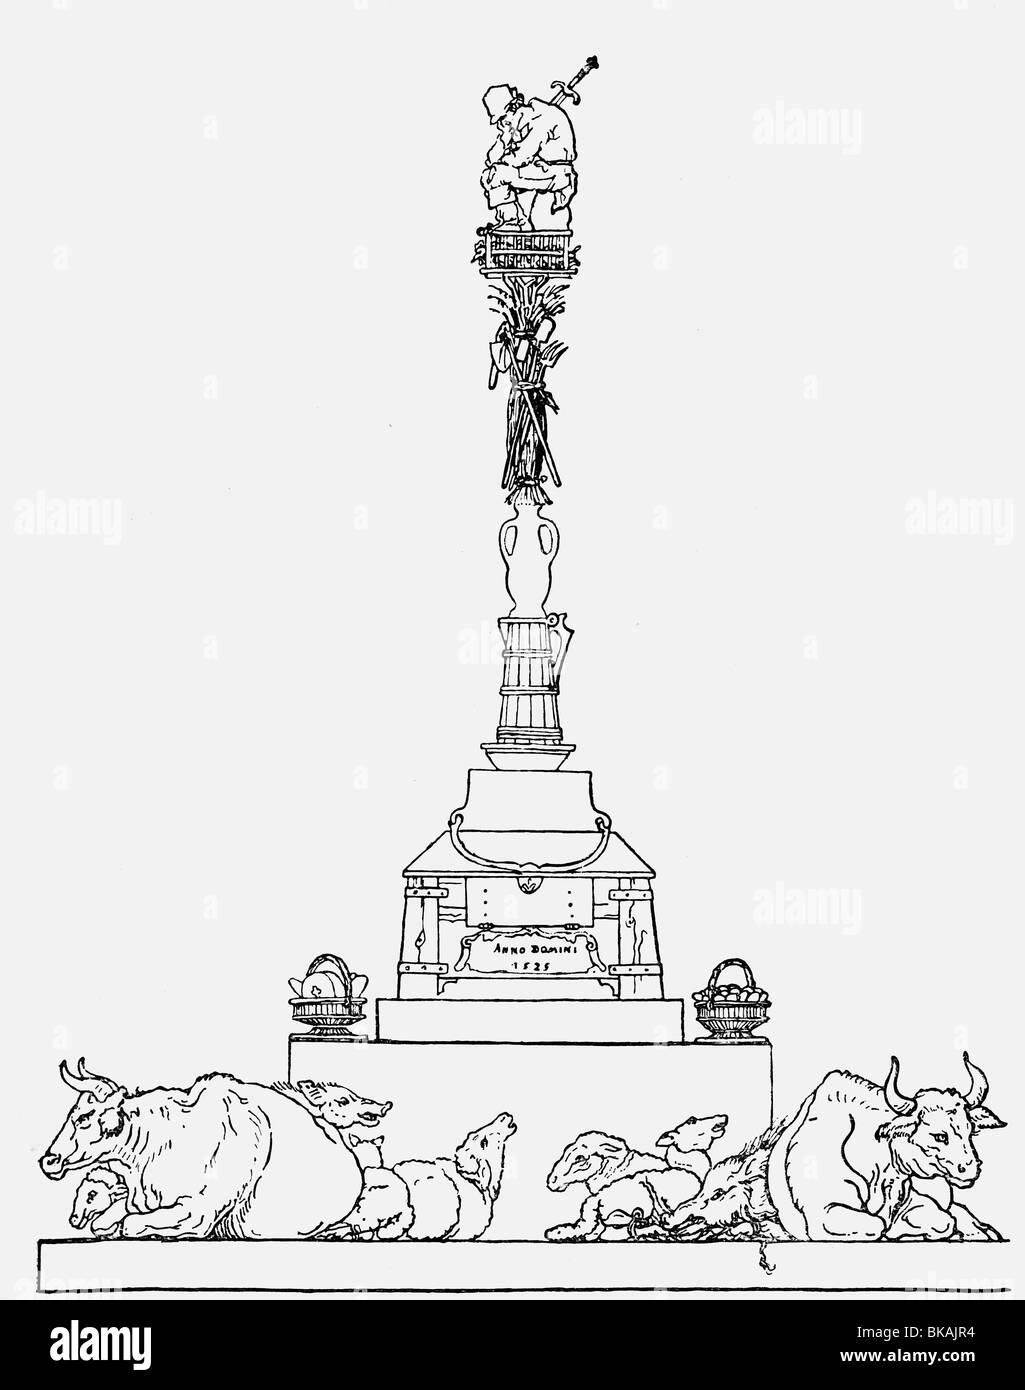 Eventos, la guerra de los campesinos alemanes de 1524 - 1526, un concepto para una columna conmemorando la derrota Imagen De Stock